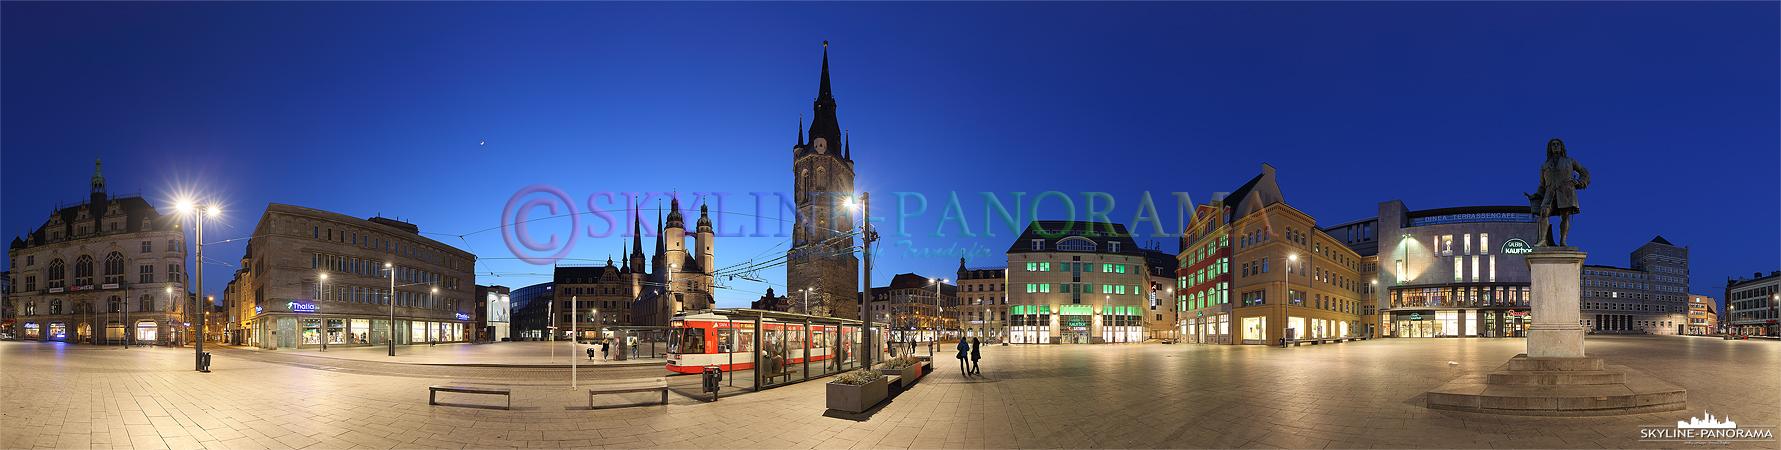 Der Marktplatz ist der größte Platz der Stadt Halle - dieses Panorama entstand in den Abendstunden und zeigt den Marktplatz in einer 360 Grad Ansicht.